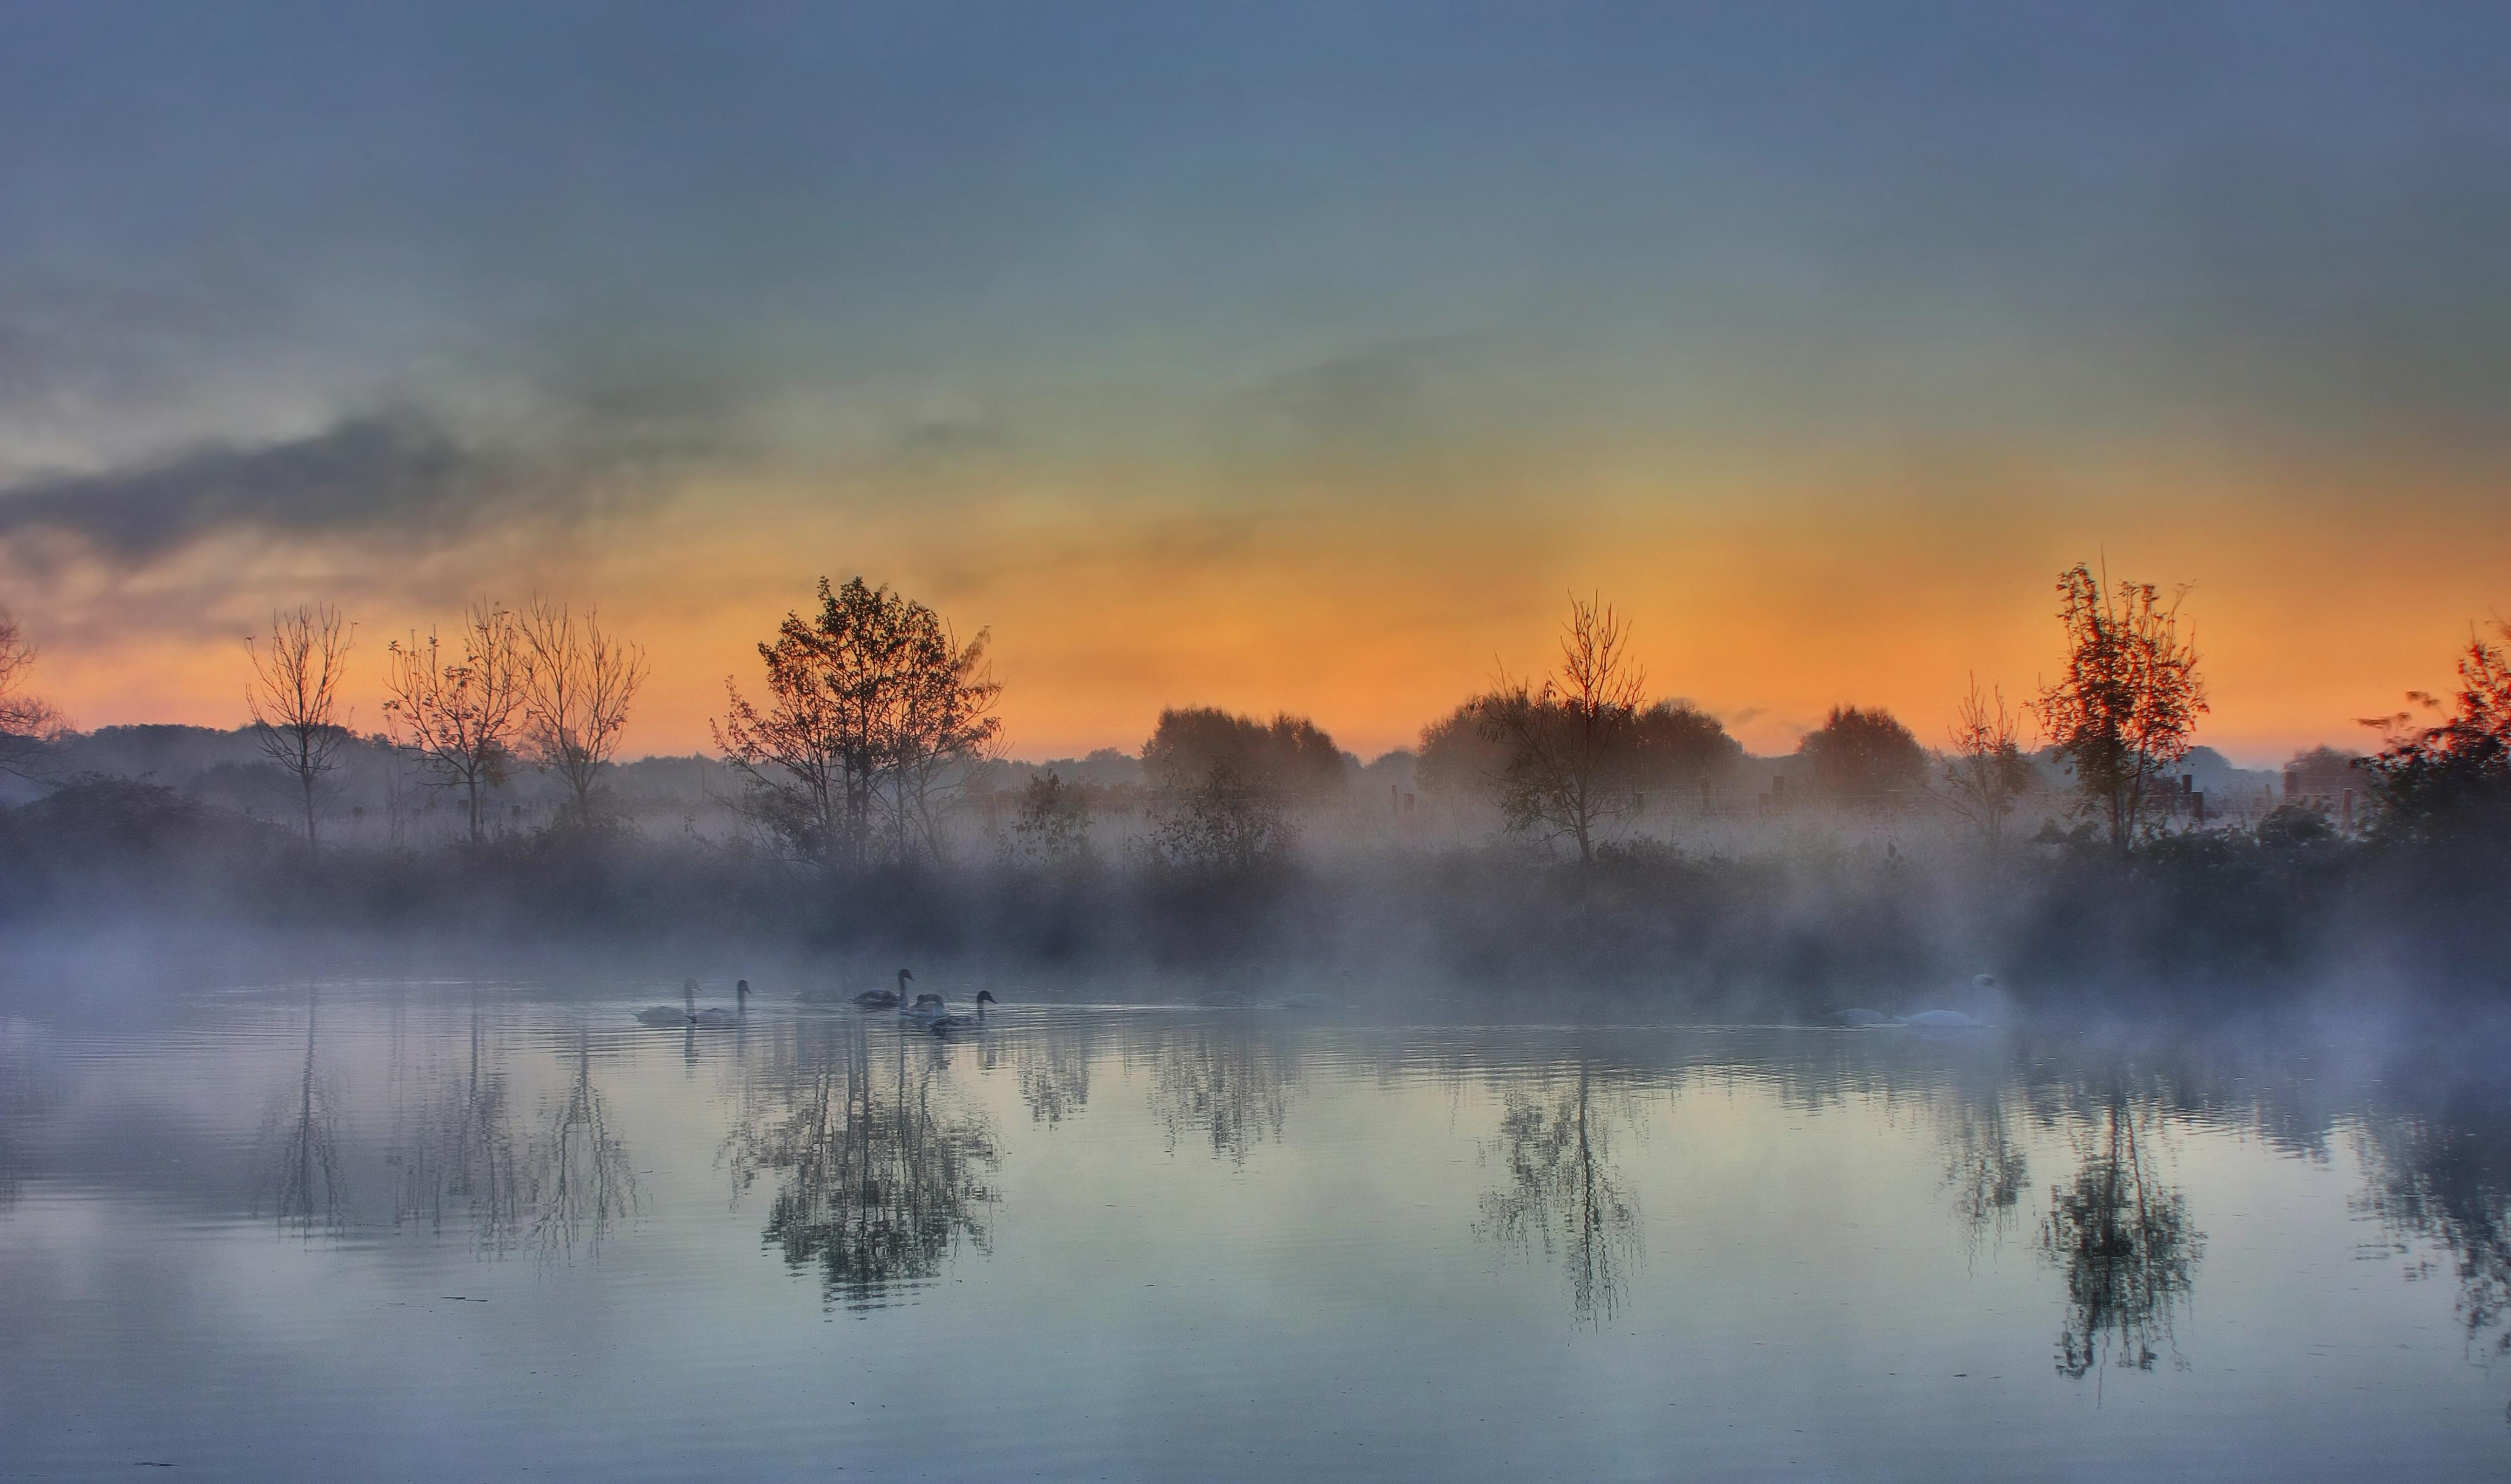 Осень прозрачное утро небо как будто в тумане слушать